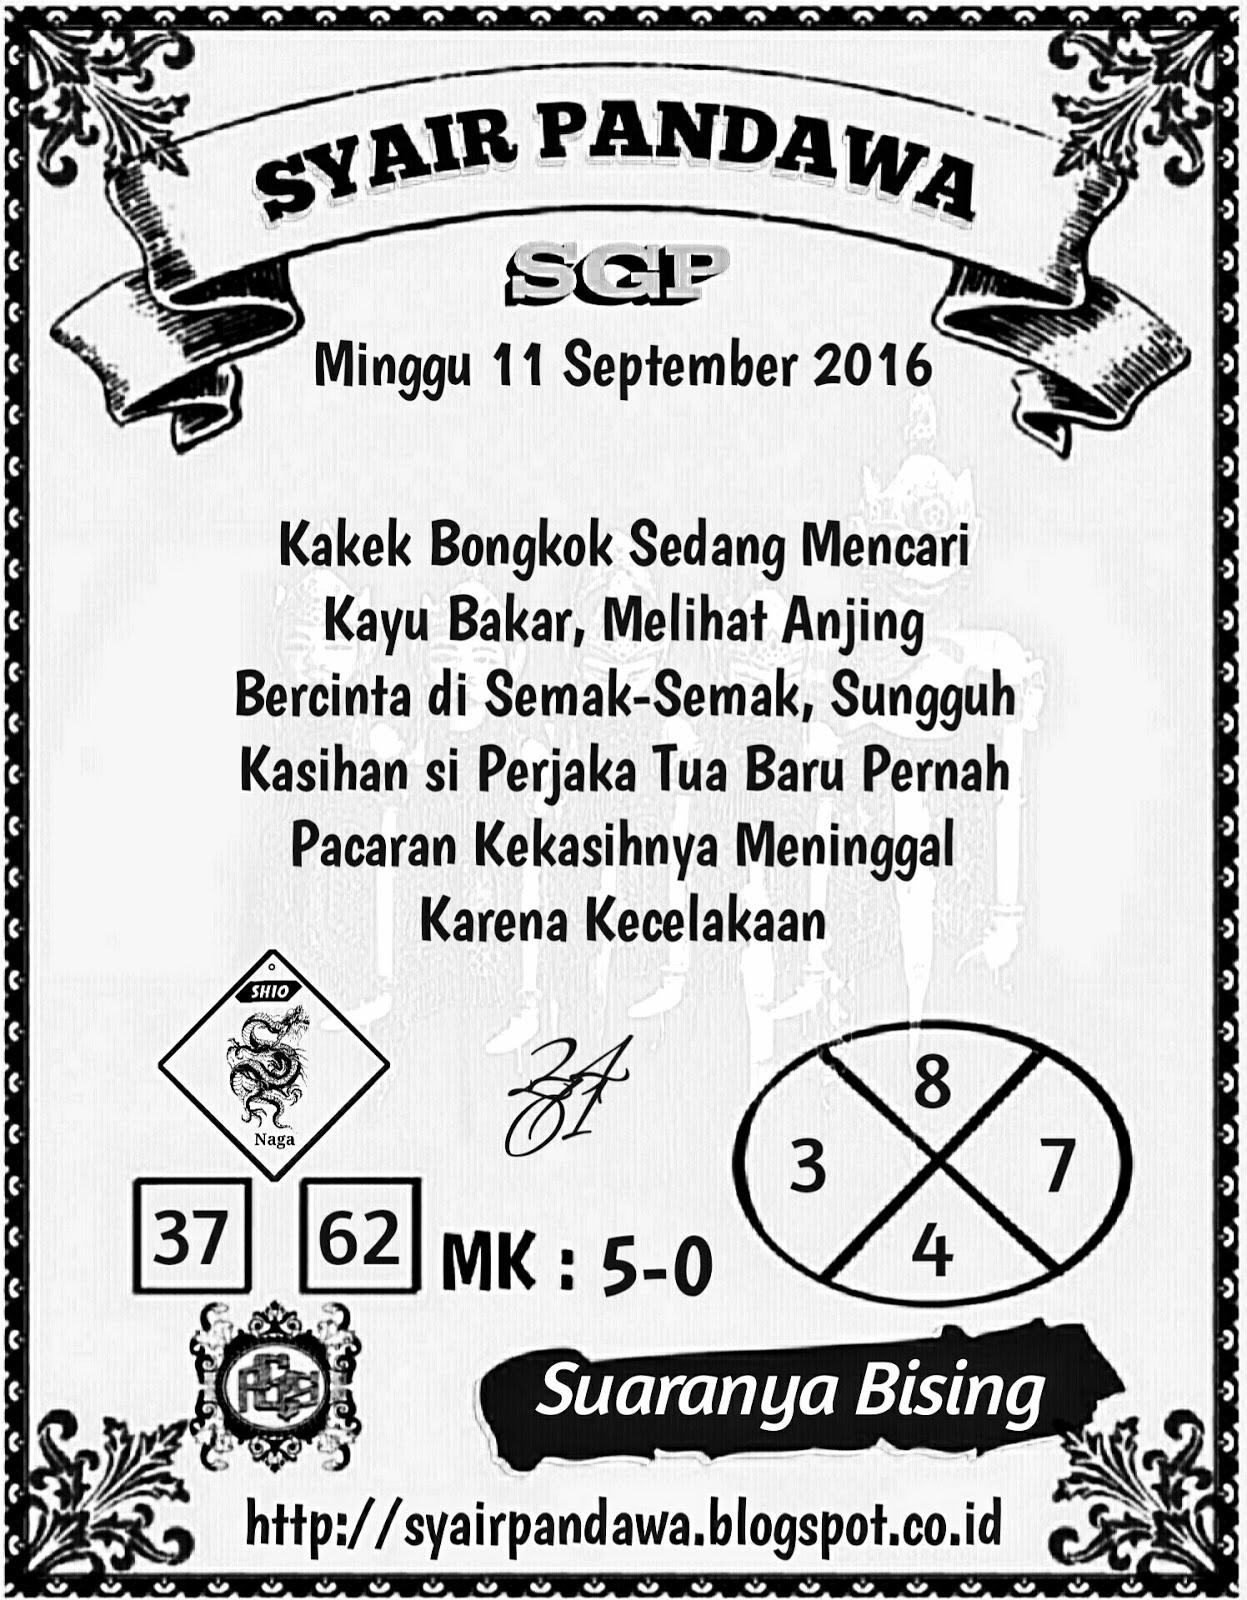 Syair Sgp Minggu 11 Sept 2016 Indowlatoto